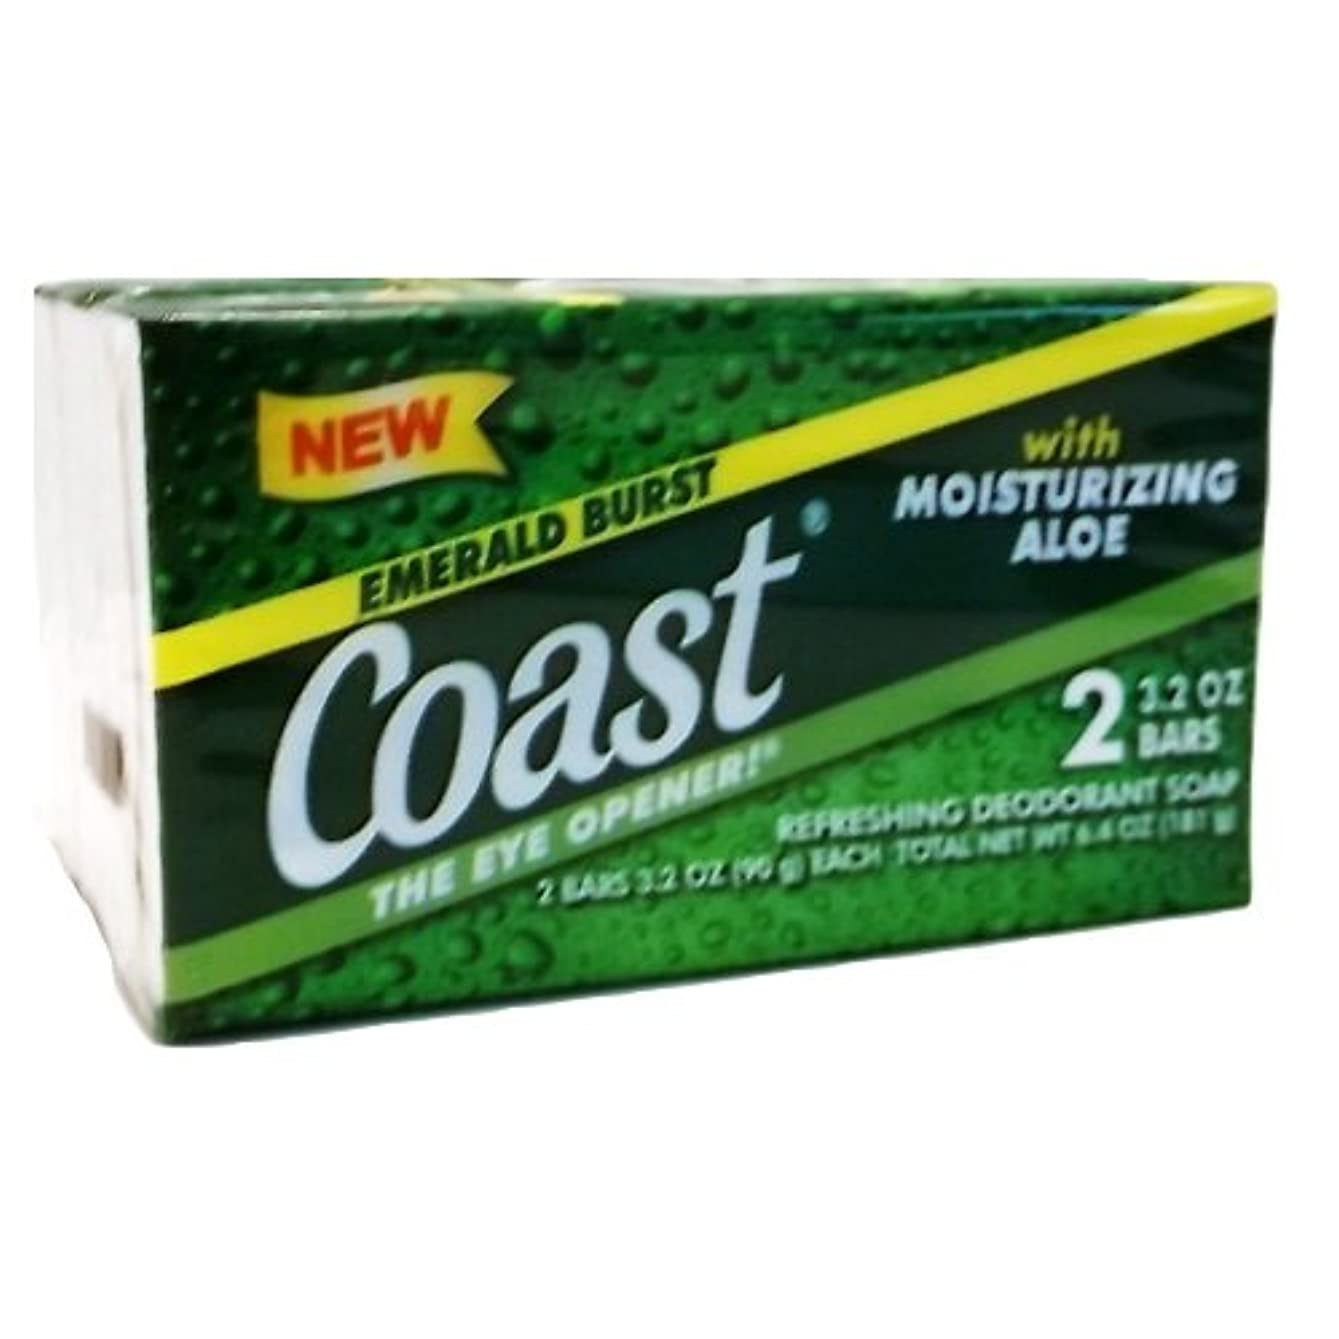 生物学魂扱いやすいコースト(Coast) 石けんエメラルドバースト2個入り×24パック(48個)